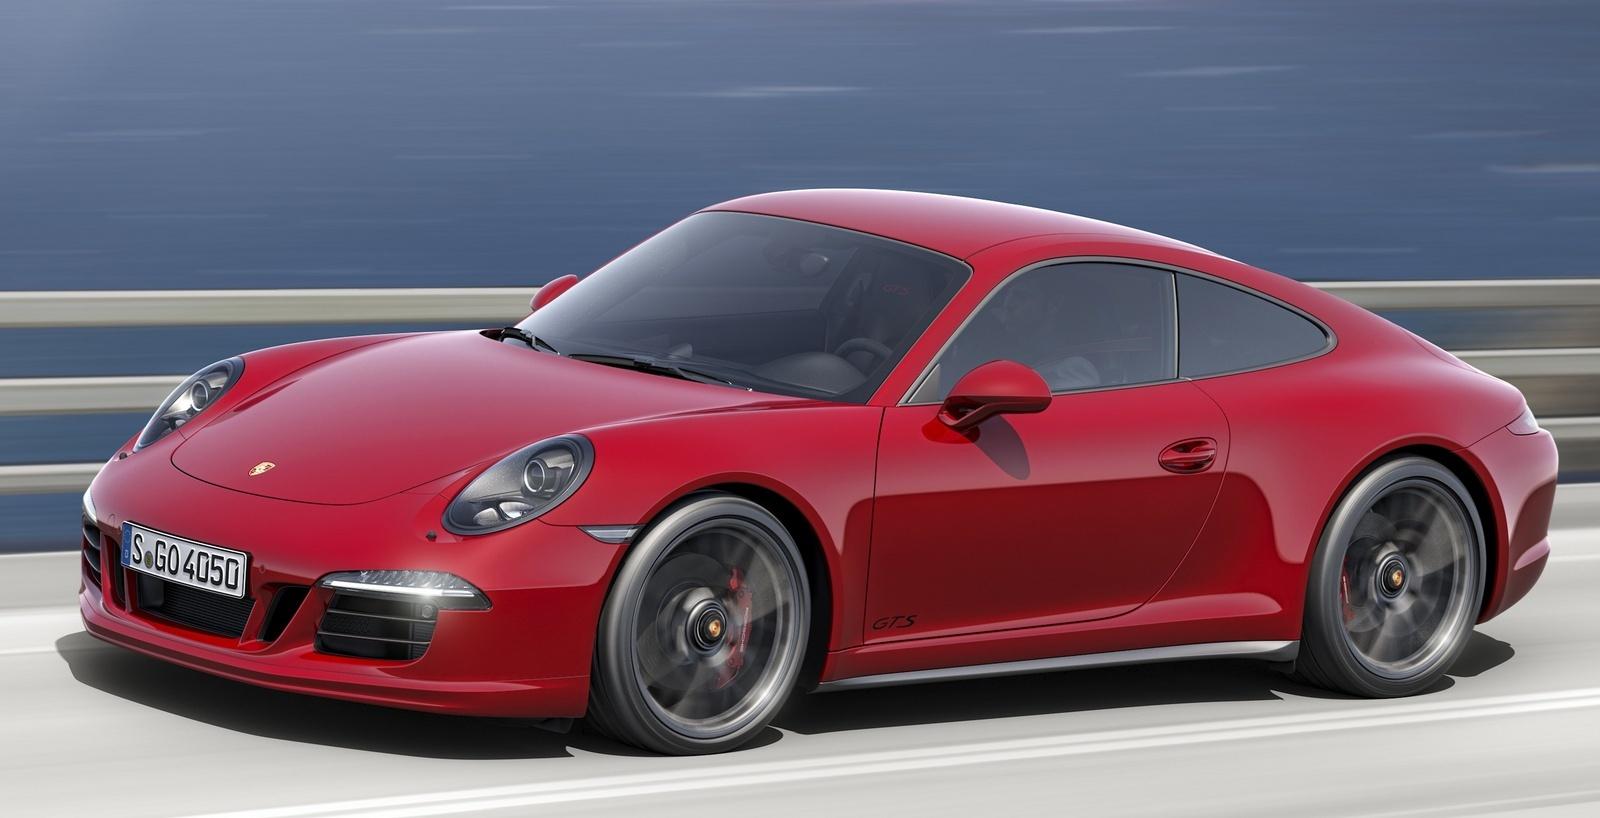 2015 Porsche 911 Pictures Cargurus